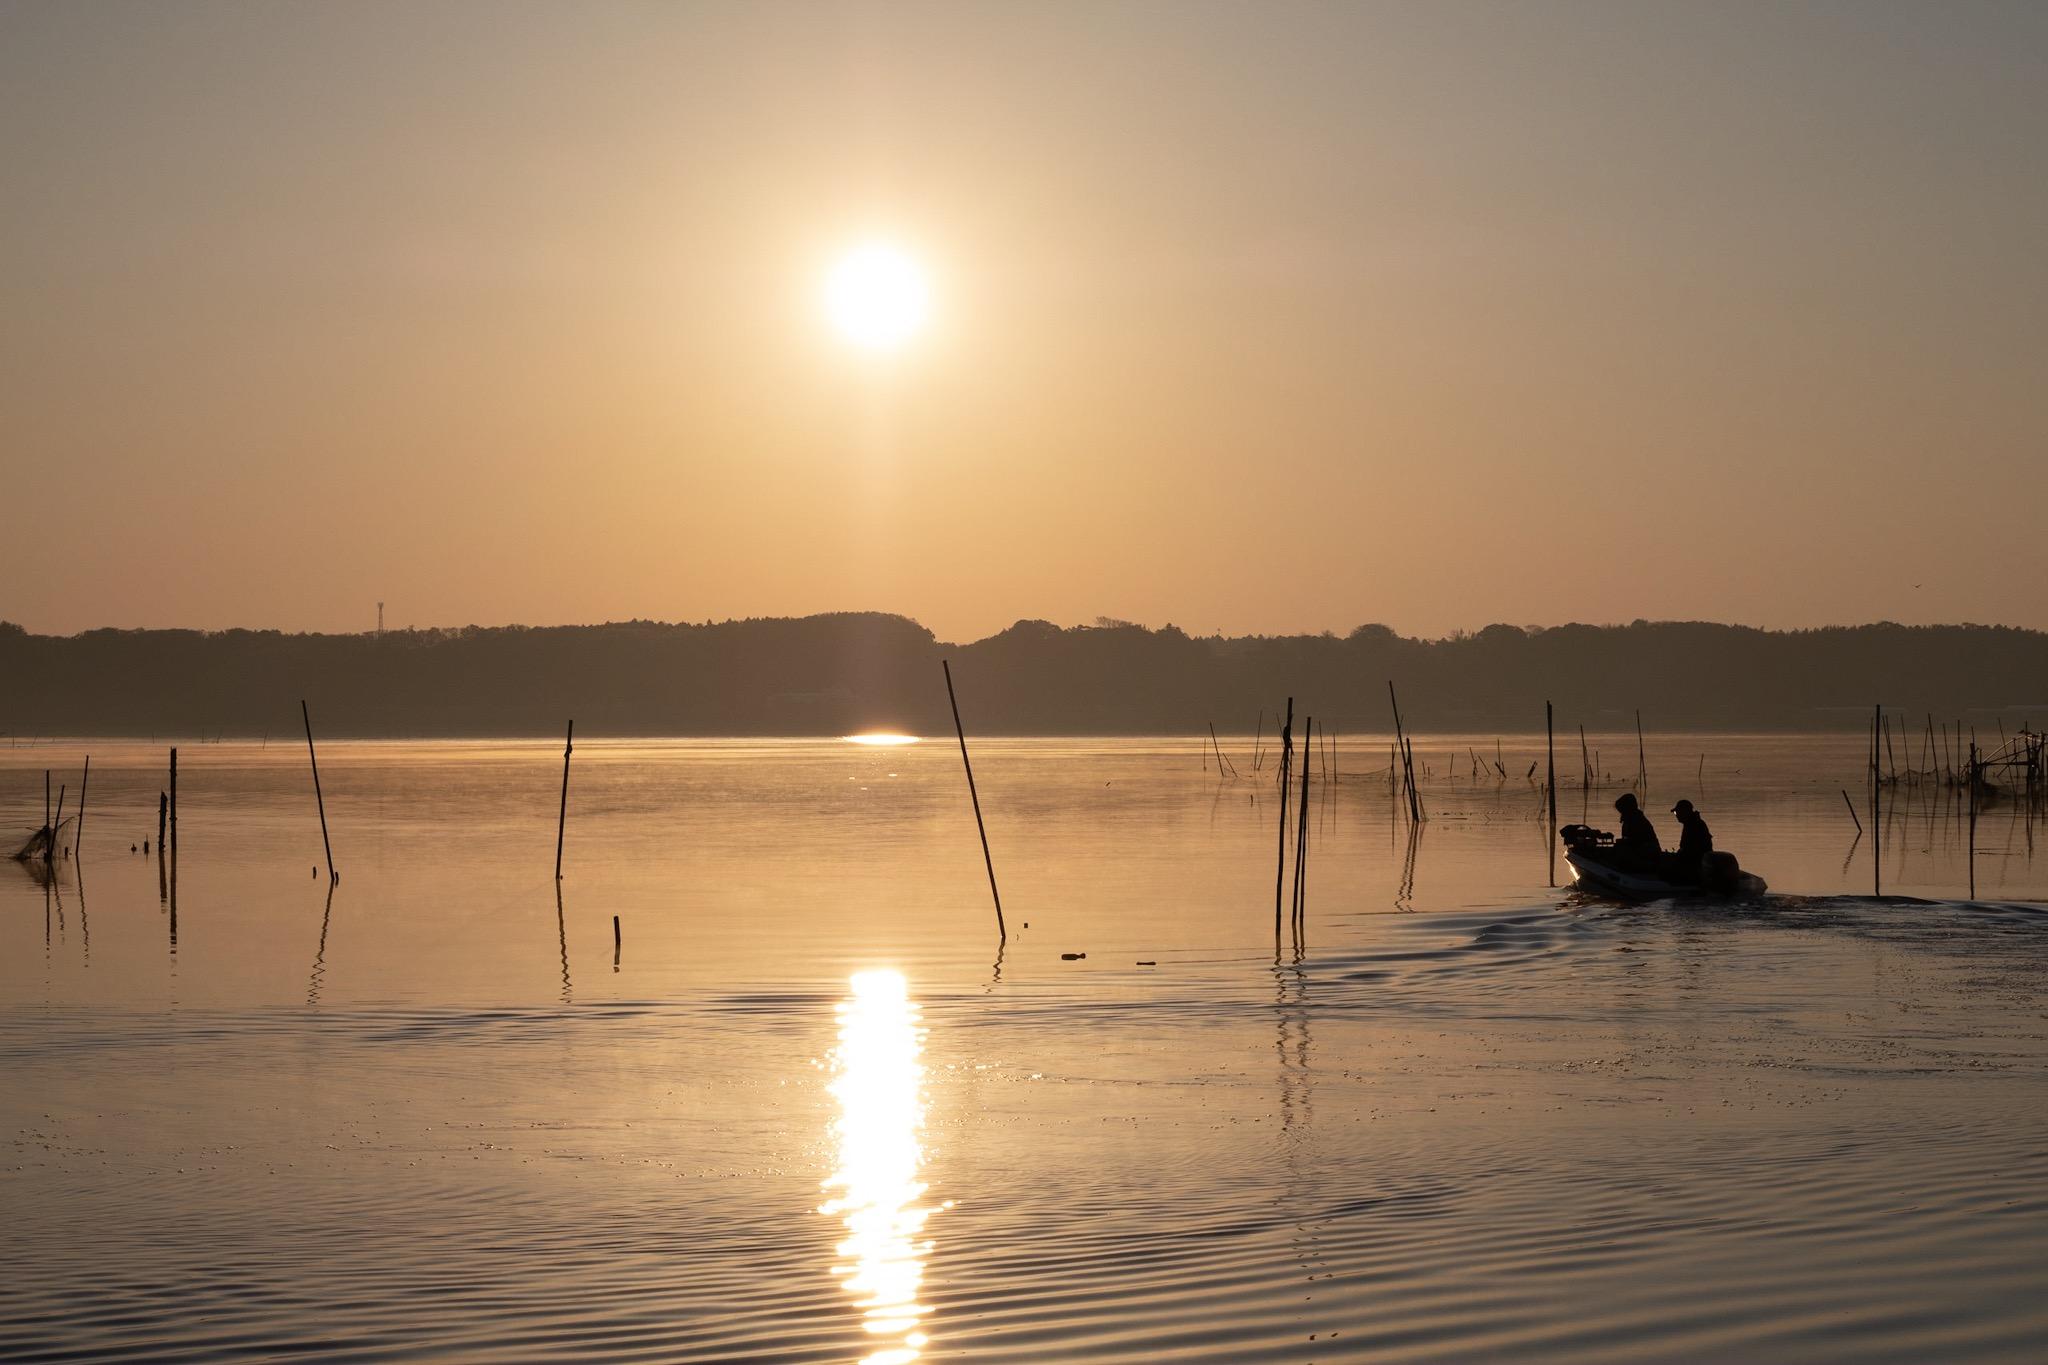 富士フイルム X-H1で撮る印旛沼の朝日。風景用のフィルムシミュレーションを試してきた。